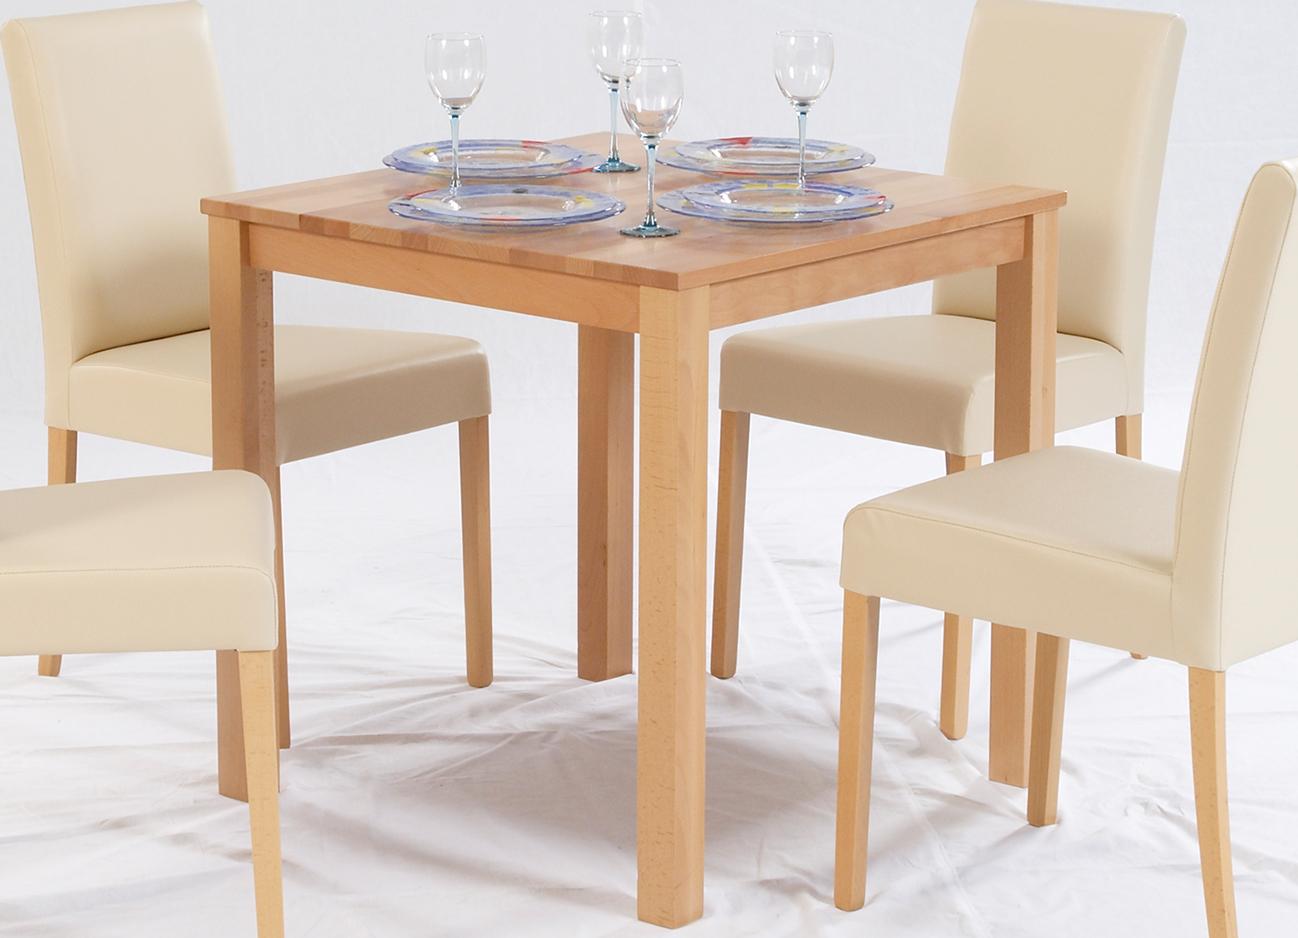 esstisch massivholz buche 100 fsc tomas esszimmertisch massivholz tisch 75 x 75 x 75 cm. Black Bedroom Furniture Sets. Home Design Ideas